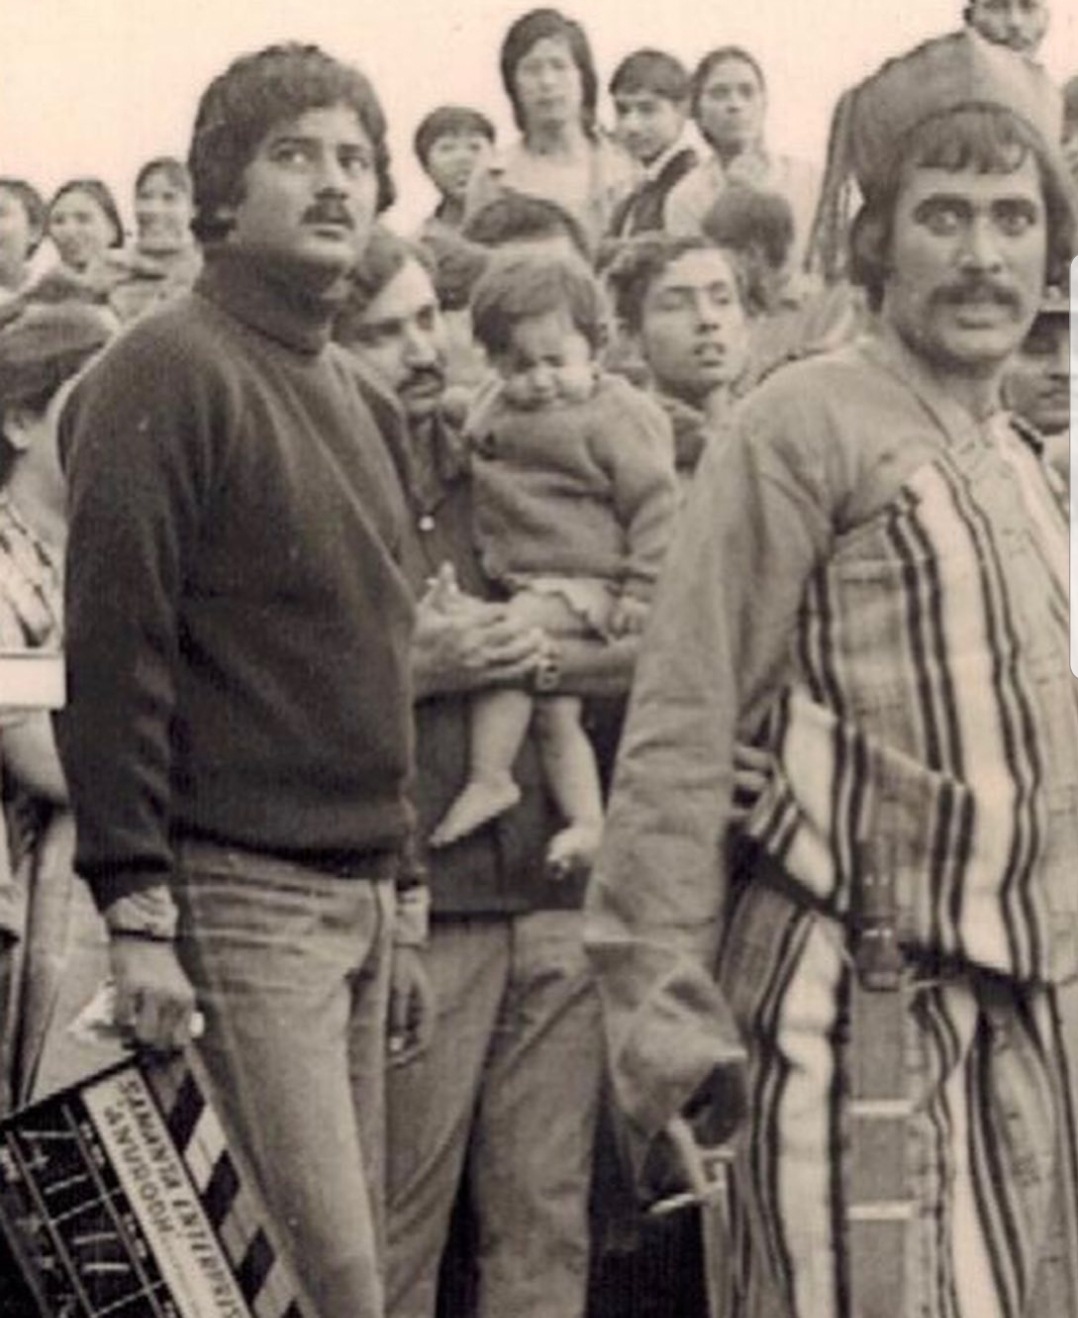 Janhvi Kapoor Shares Unseen Photos of Boney Kapoor on His Birthday